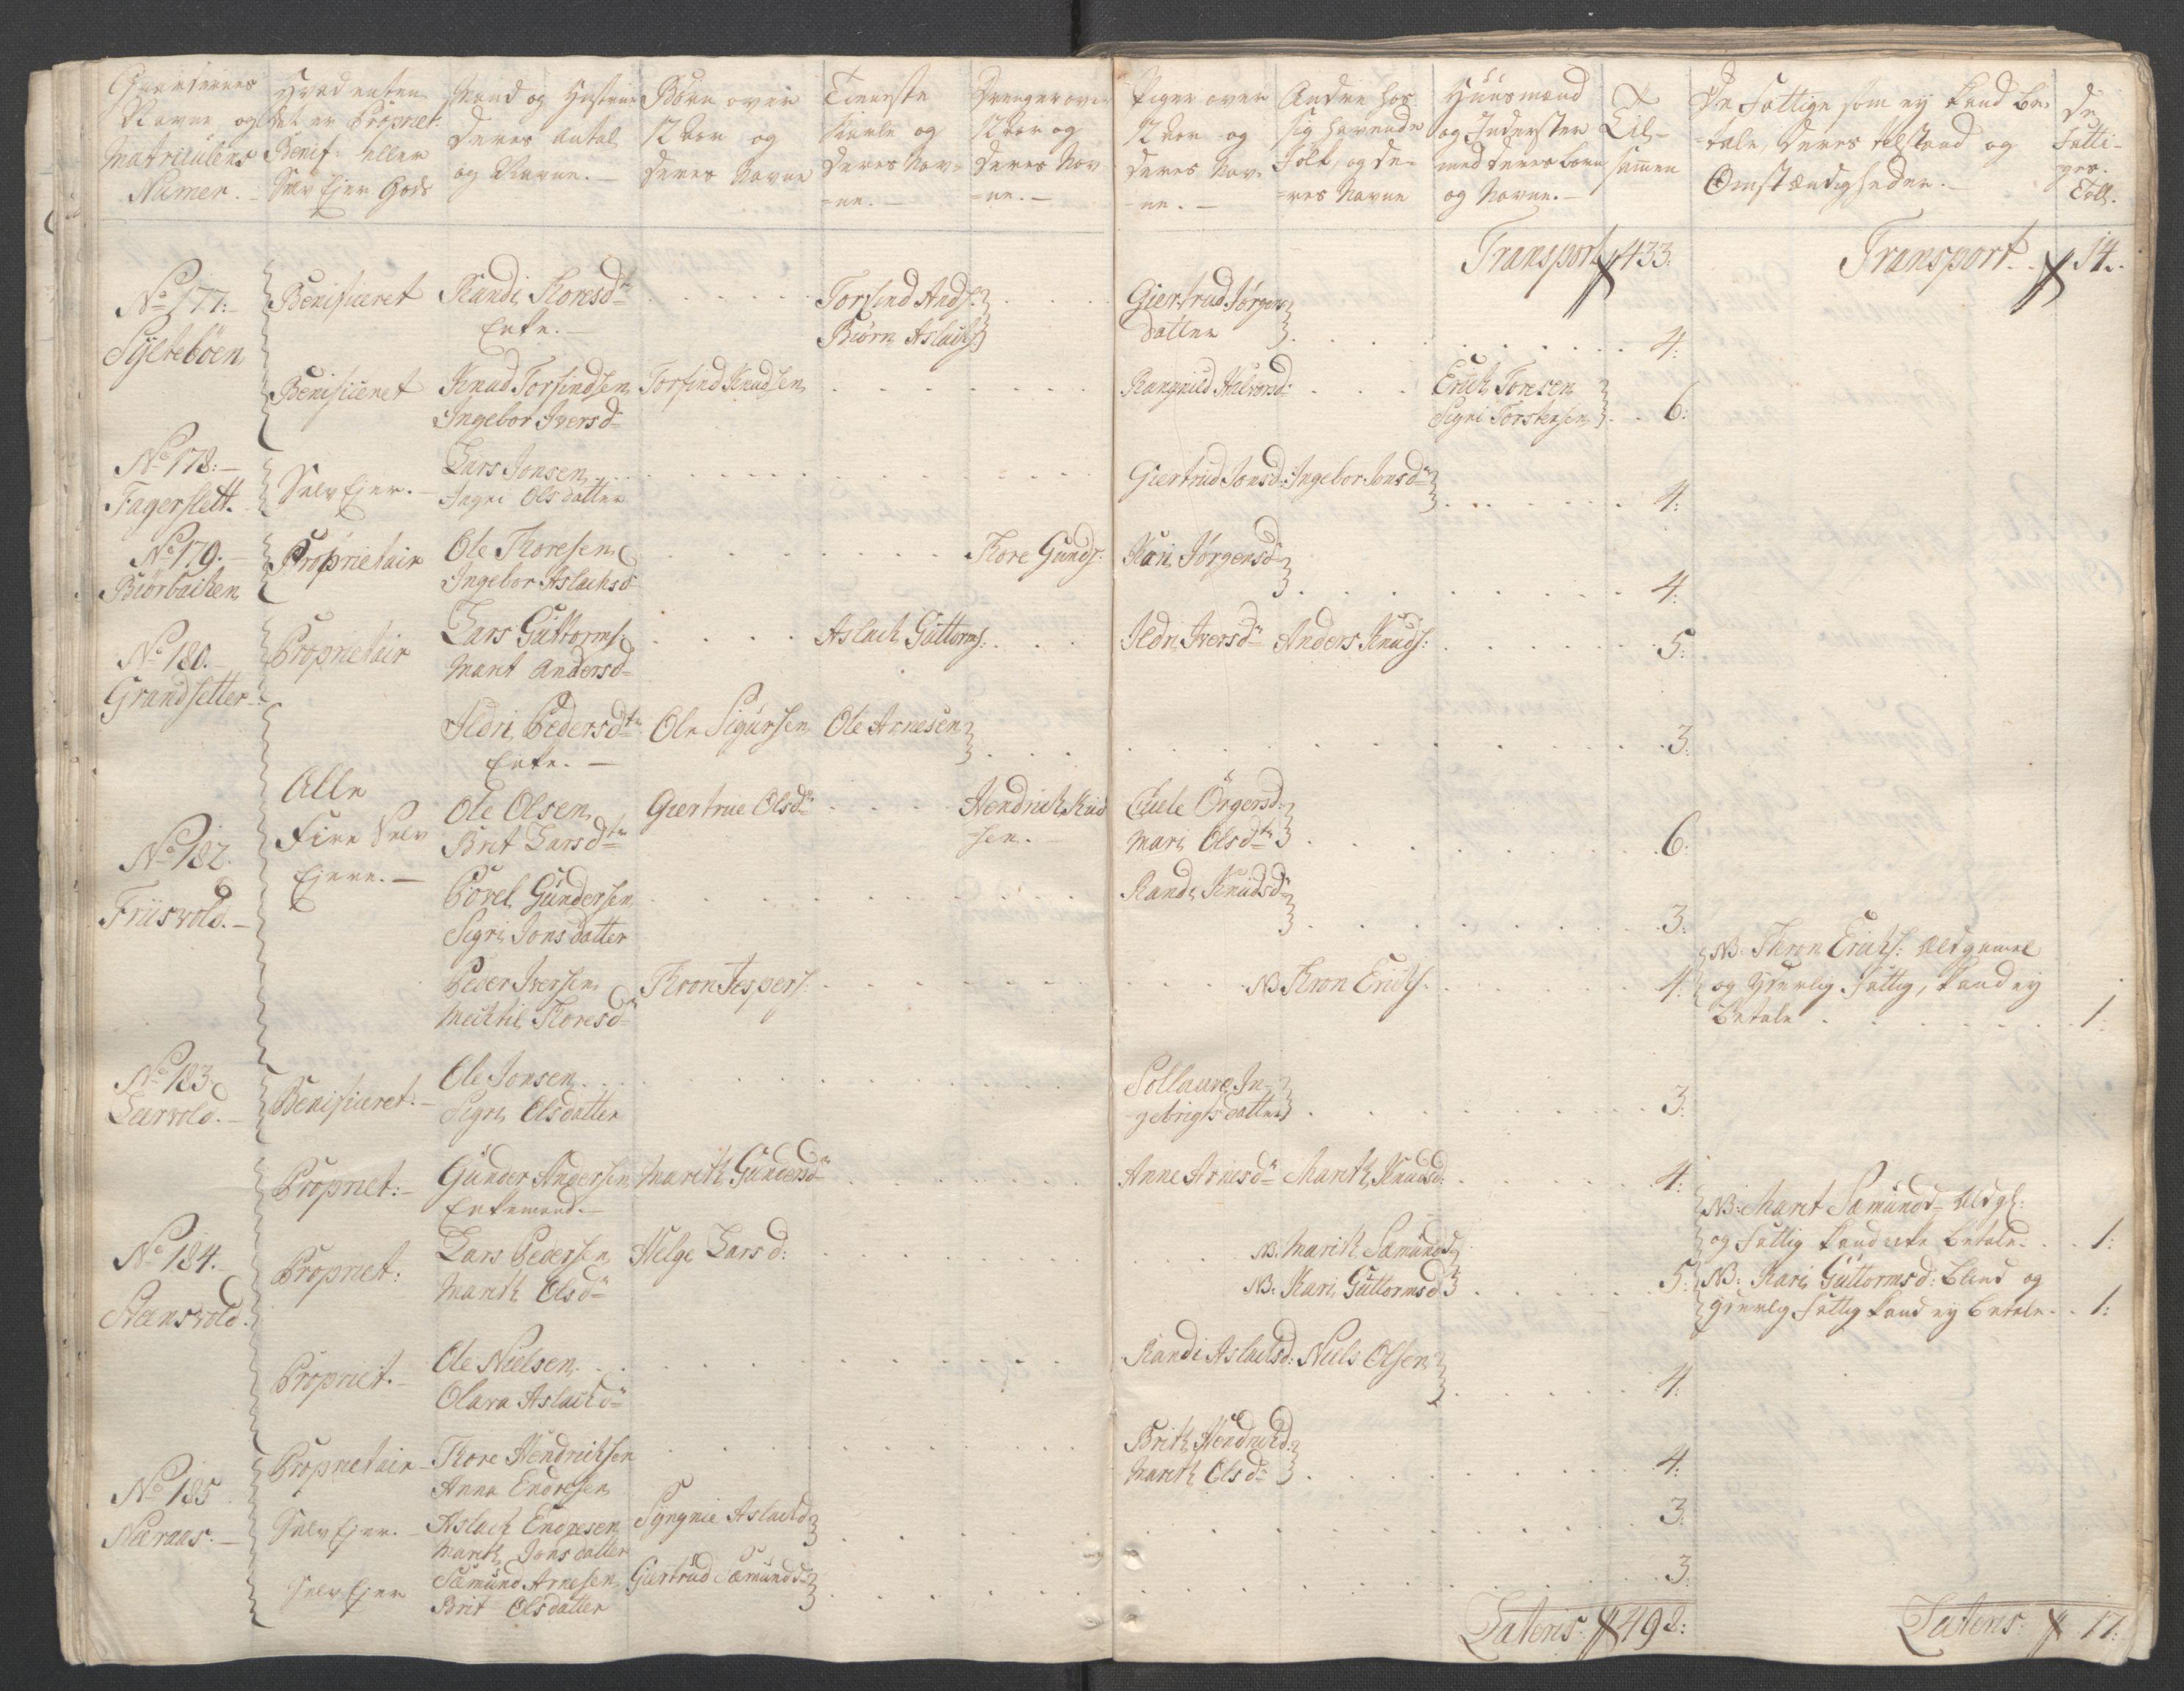 RA, Rentekammeret inntil 1814, Reviderte regnskaper, Fogderegnskap, R55/L3730: Ekstraskatten Romsdal, 1762-1763, s. 32